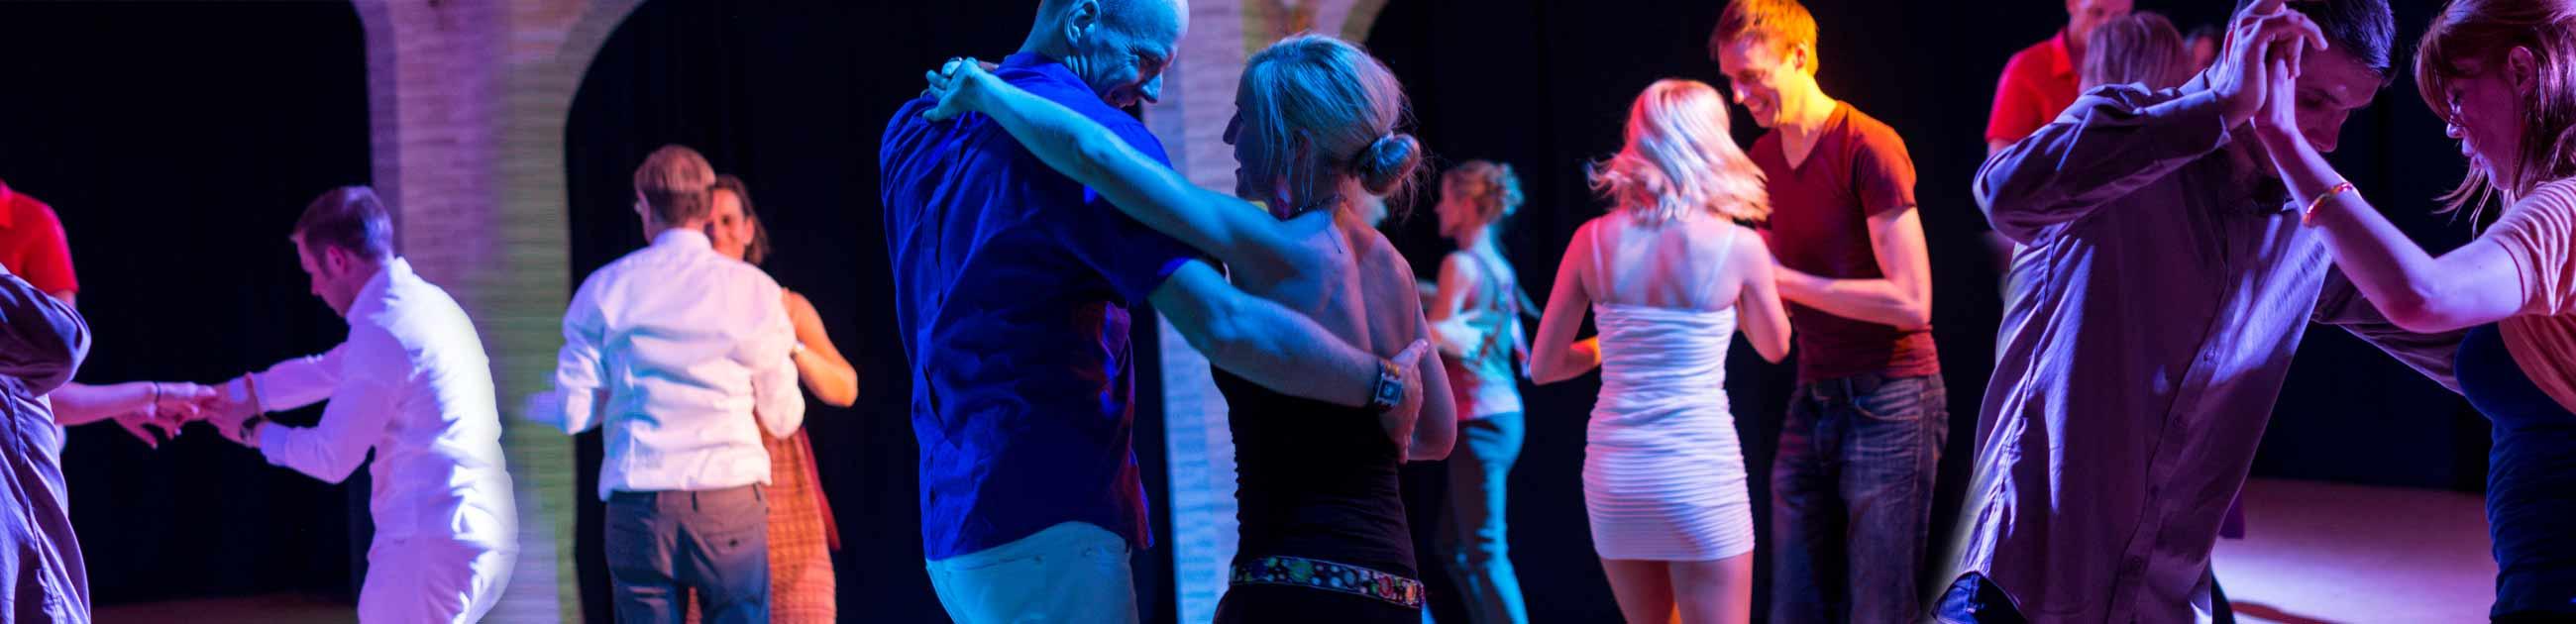 Salsa Kurs Kiel - Salsa tanzen lernen